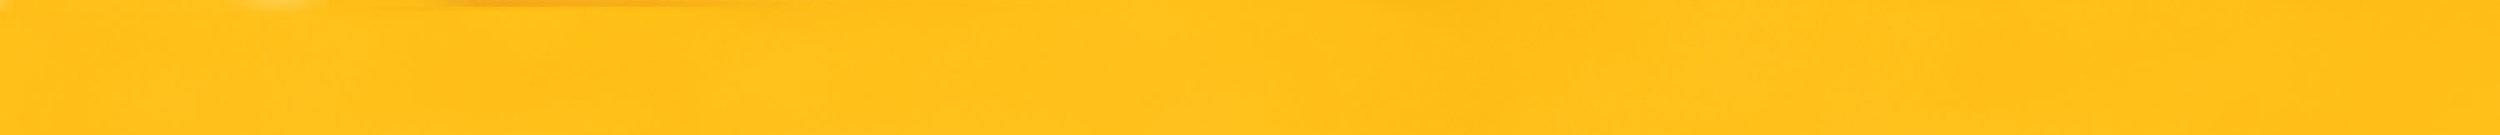 yellowspacer.jpg